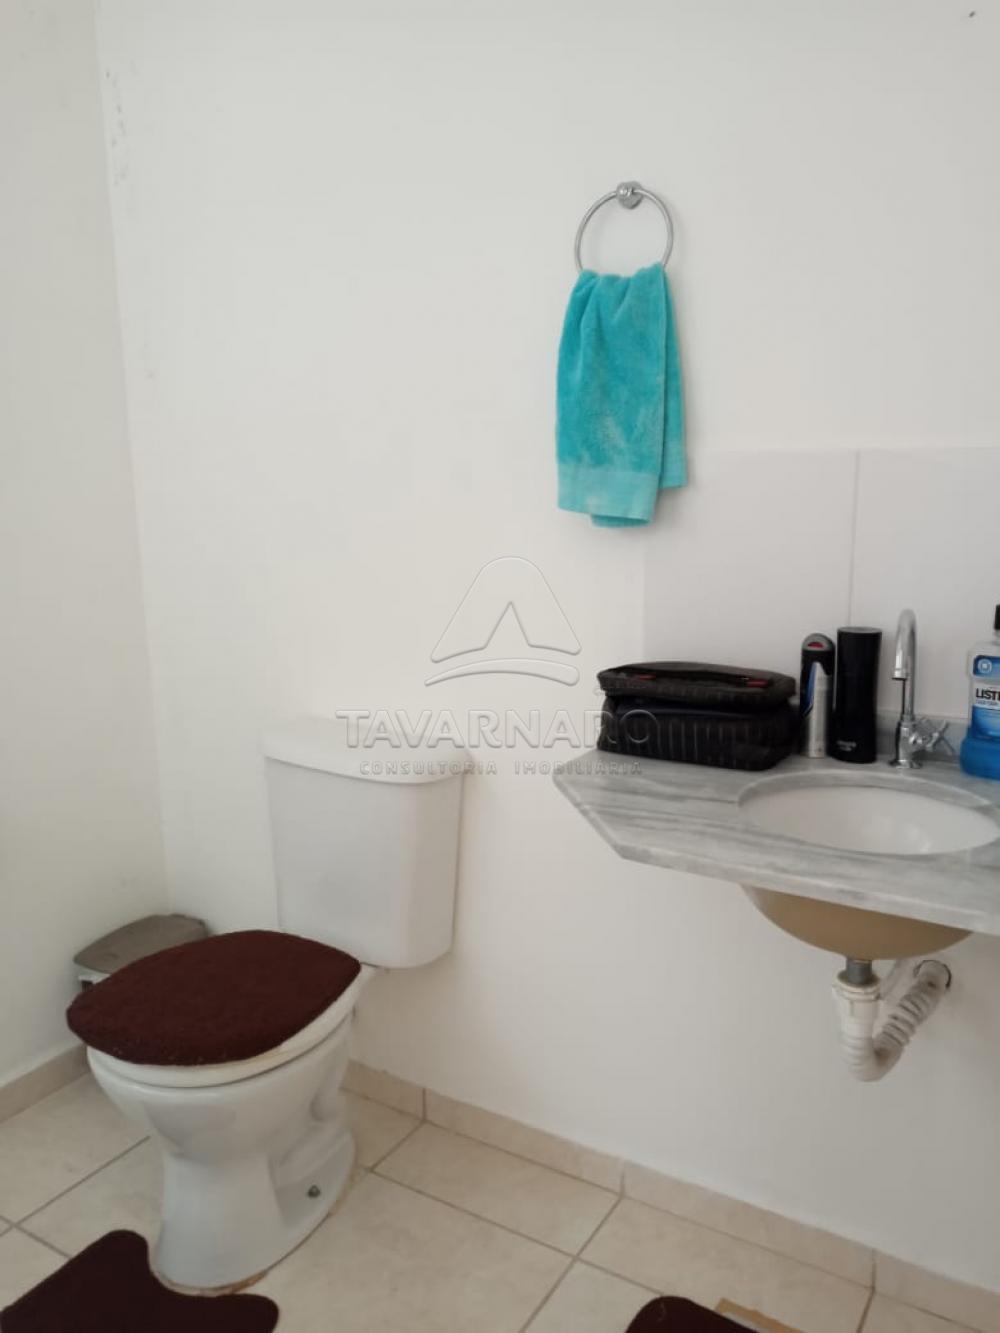 Alugar Casa / Condomínio em Ponta Grossa R$ 480,69 - Foto 8